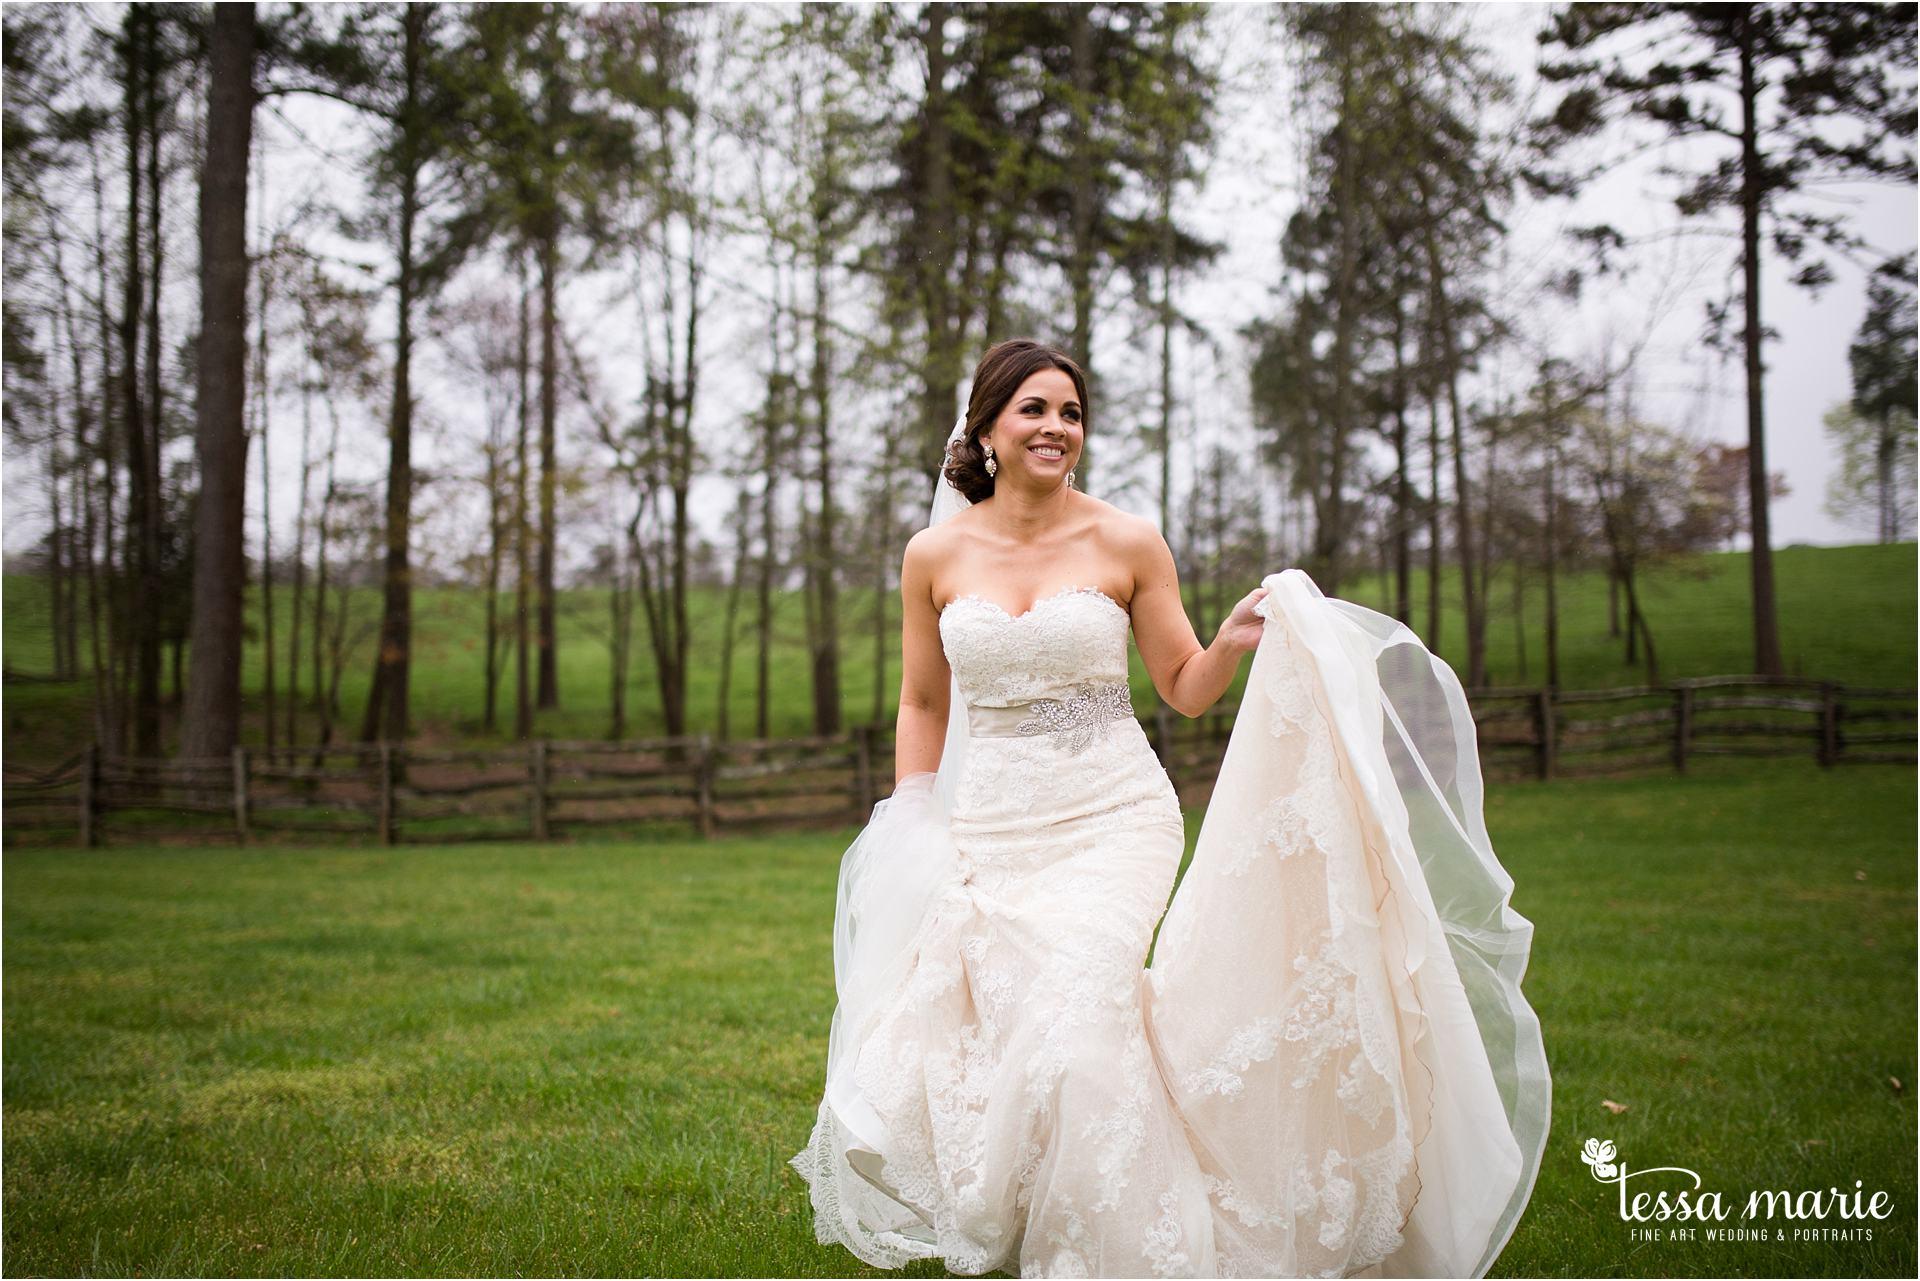 032216_brittany_kevin_wedding-44